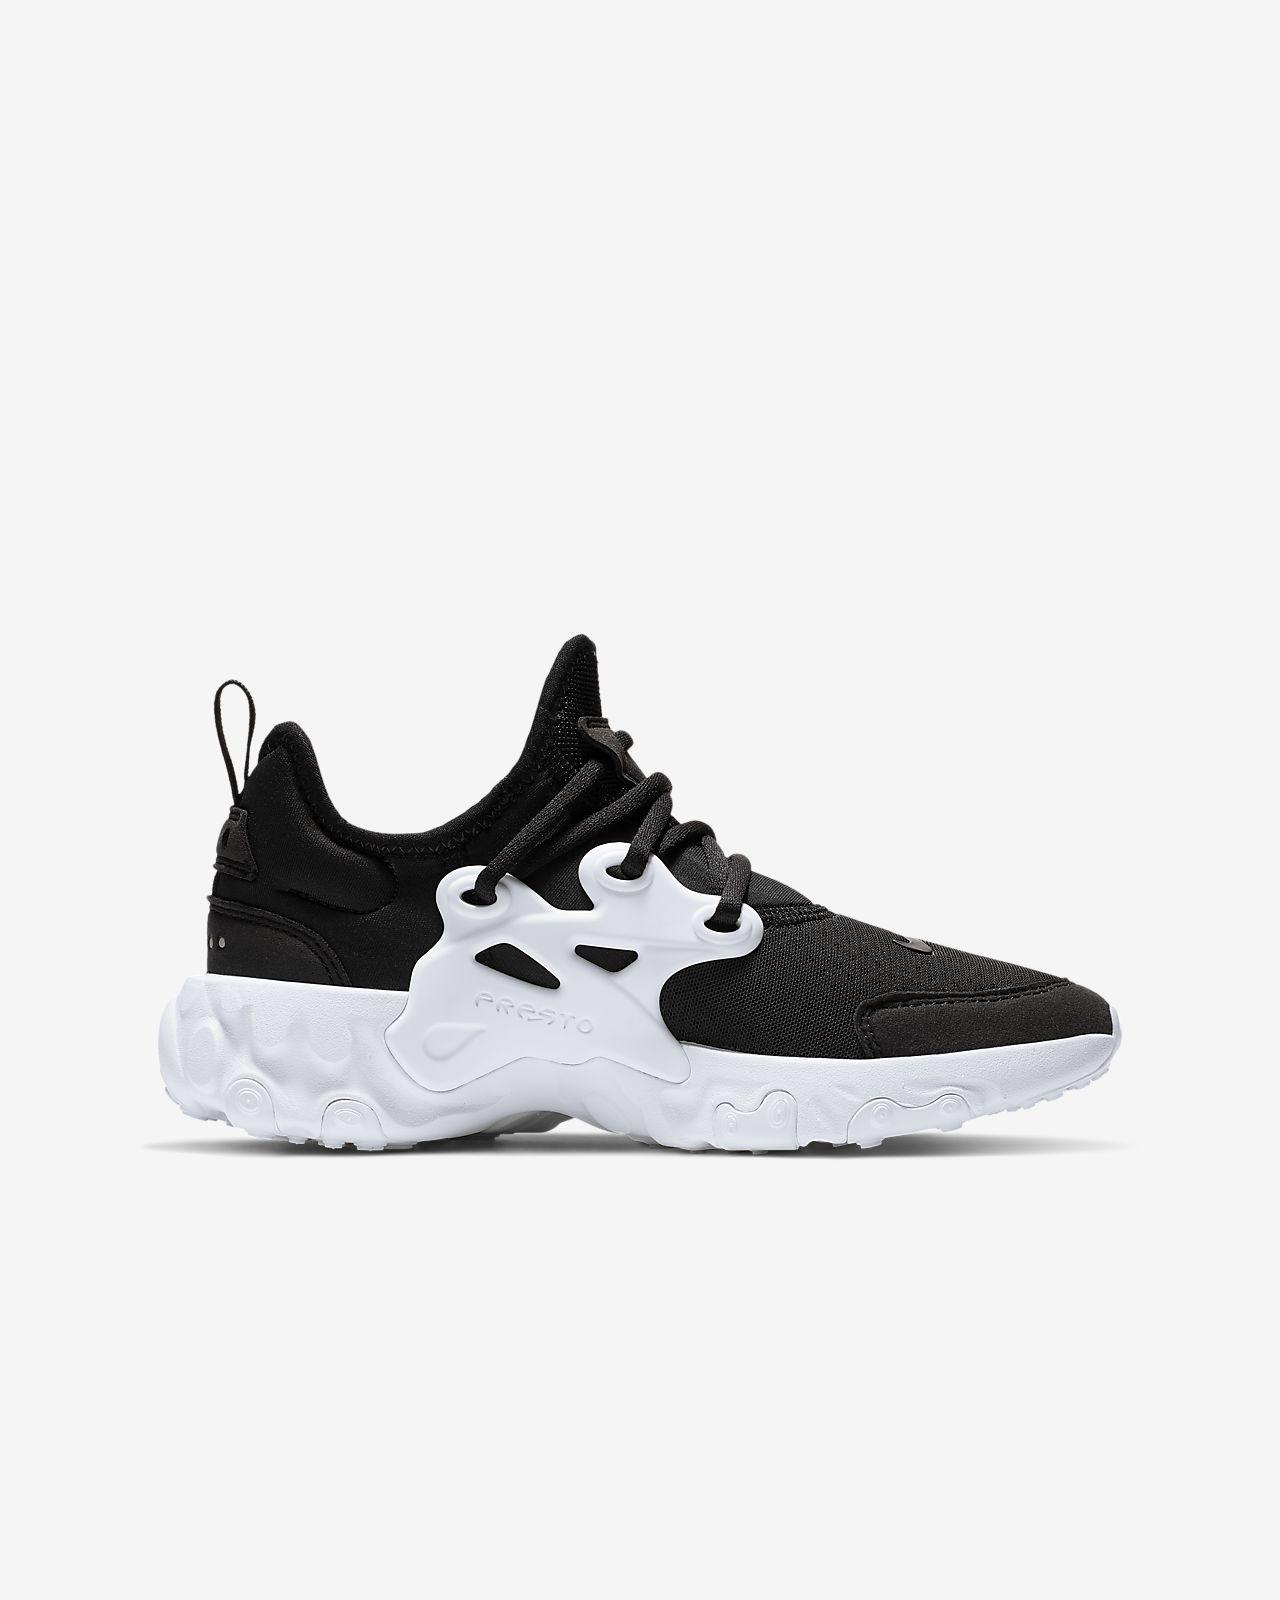 fe15eab7c1 Nike React Presto-sko til store børn